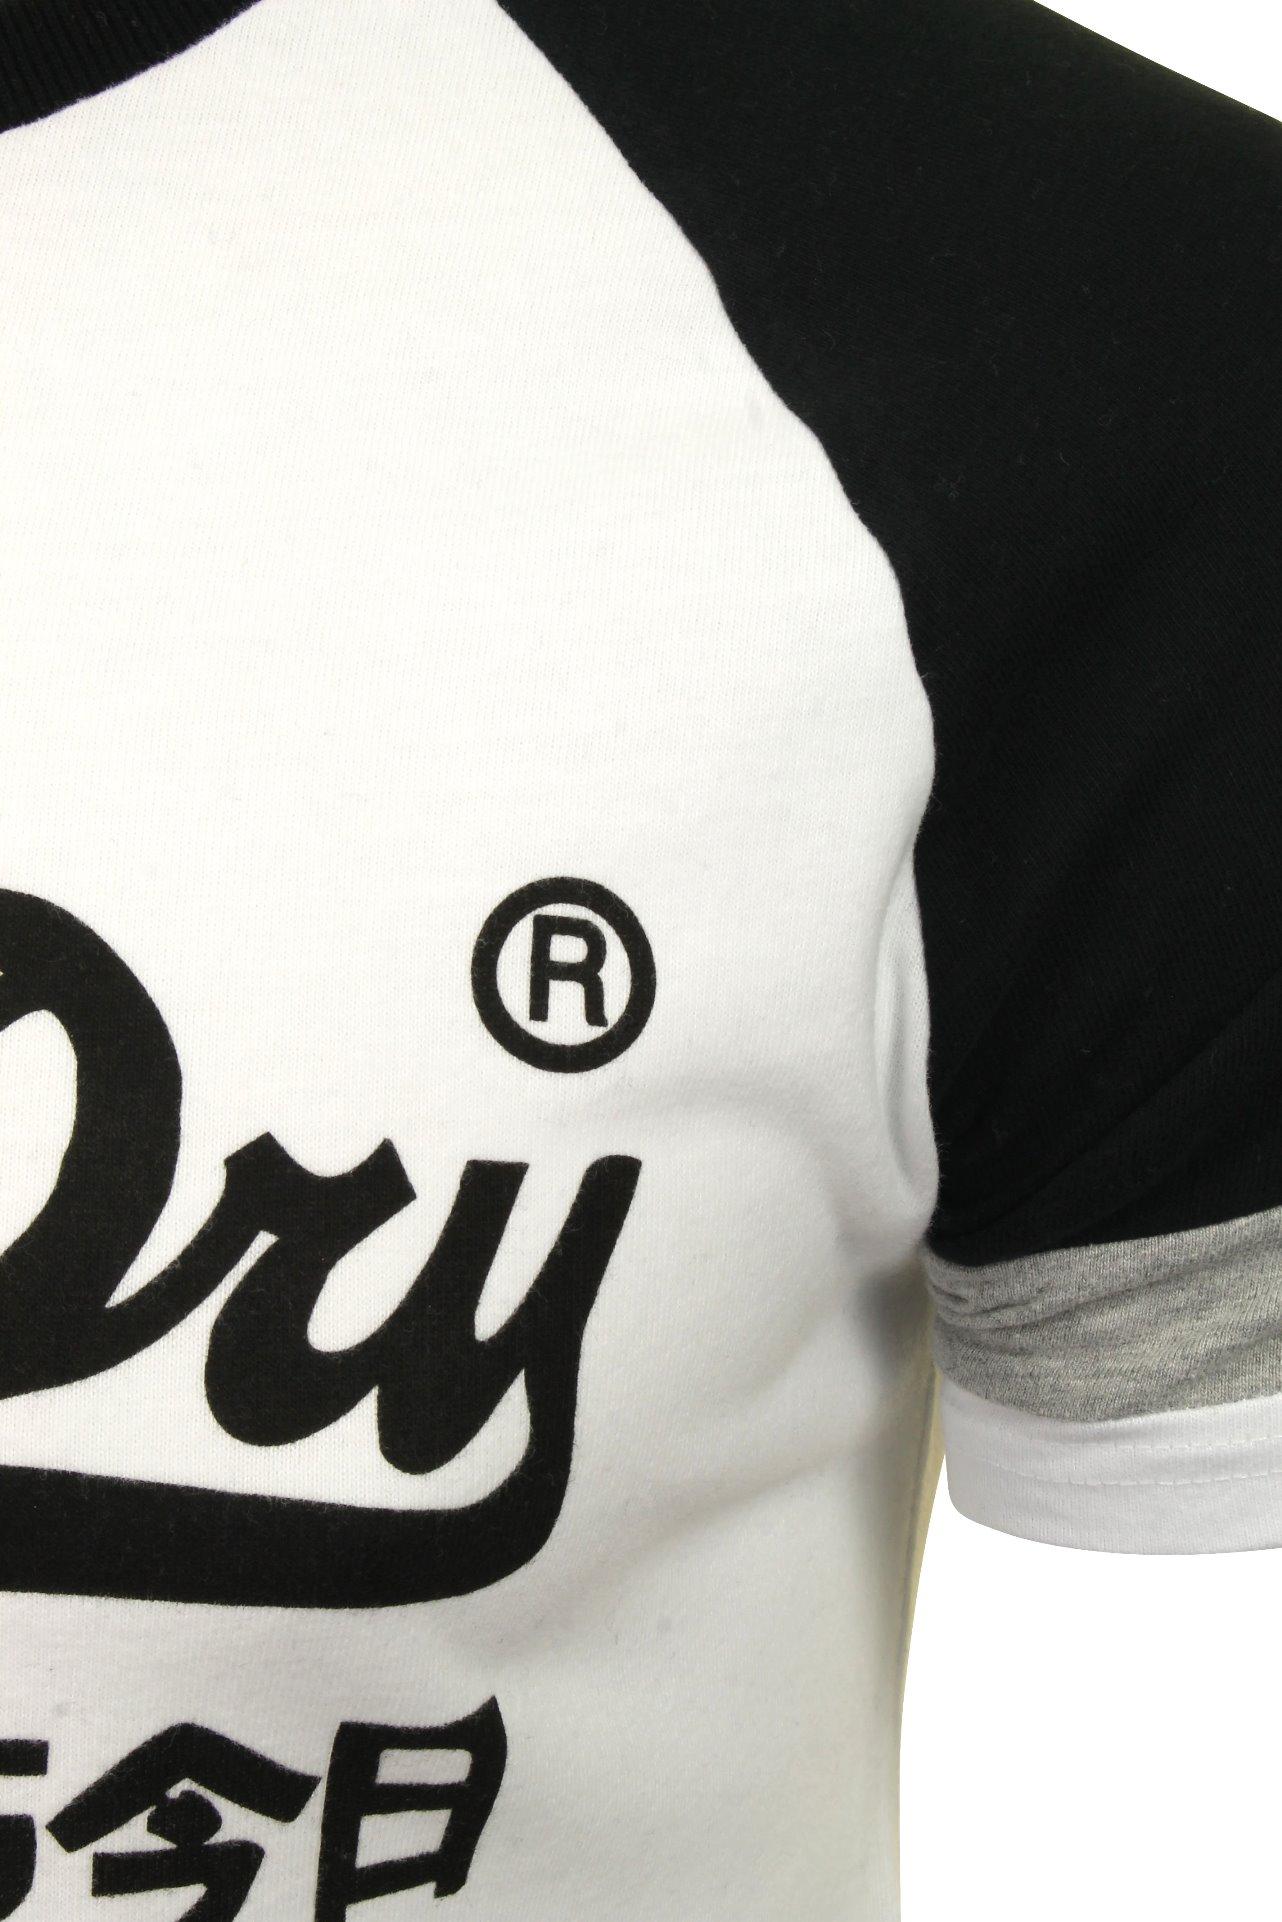 Superdry-Homme-Raglan-T-shirt-034-VL-tri-couleur-Raglan-Tee-034-a-Manches-Courtes miniature 4